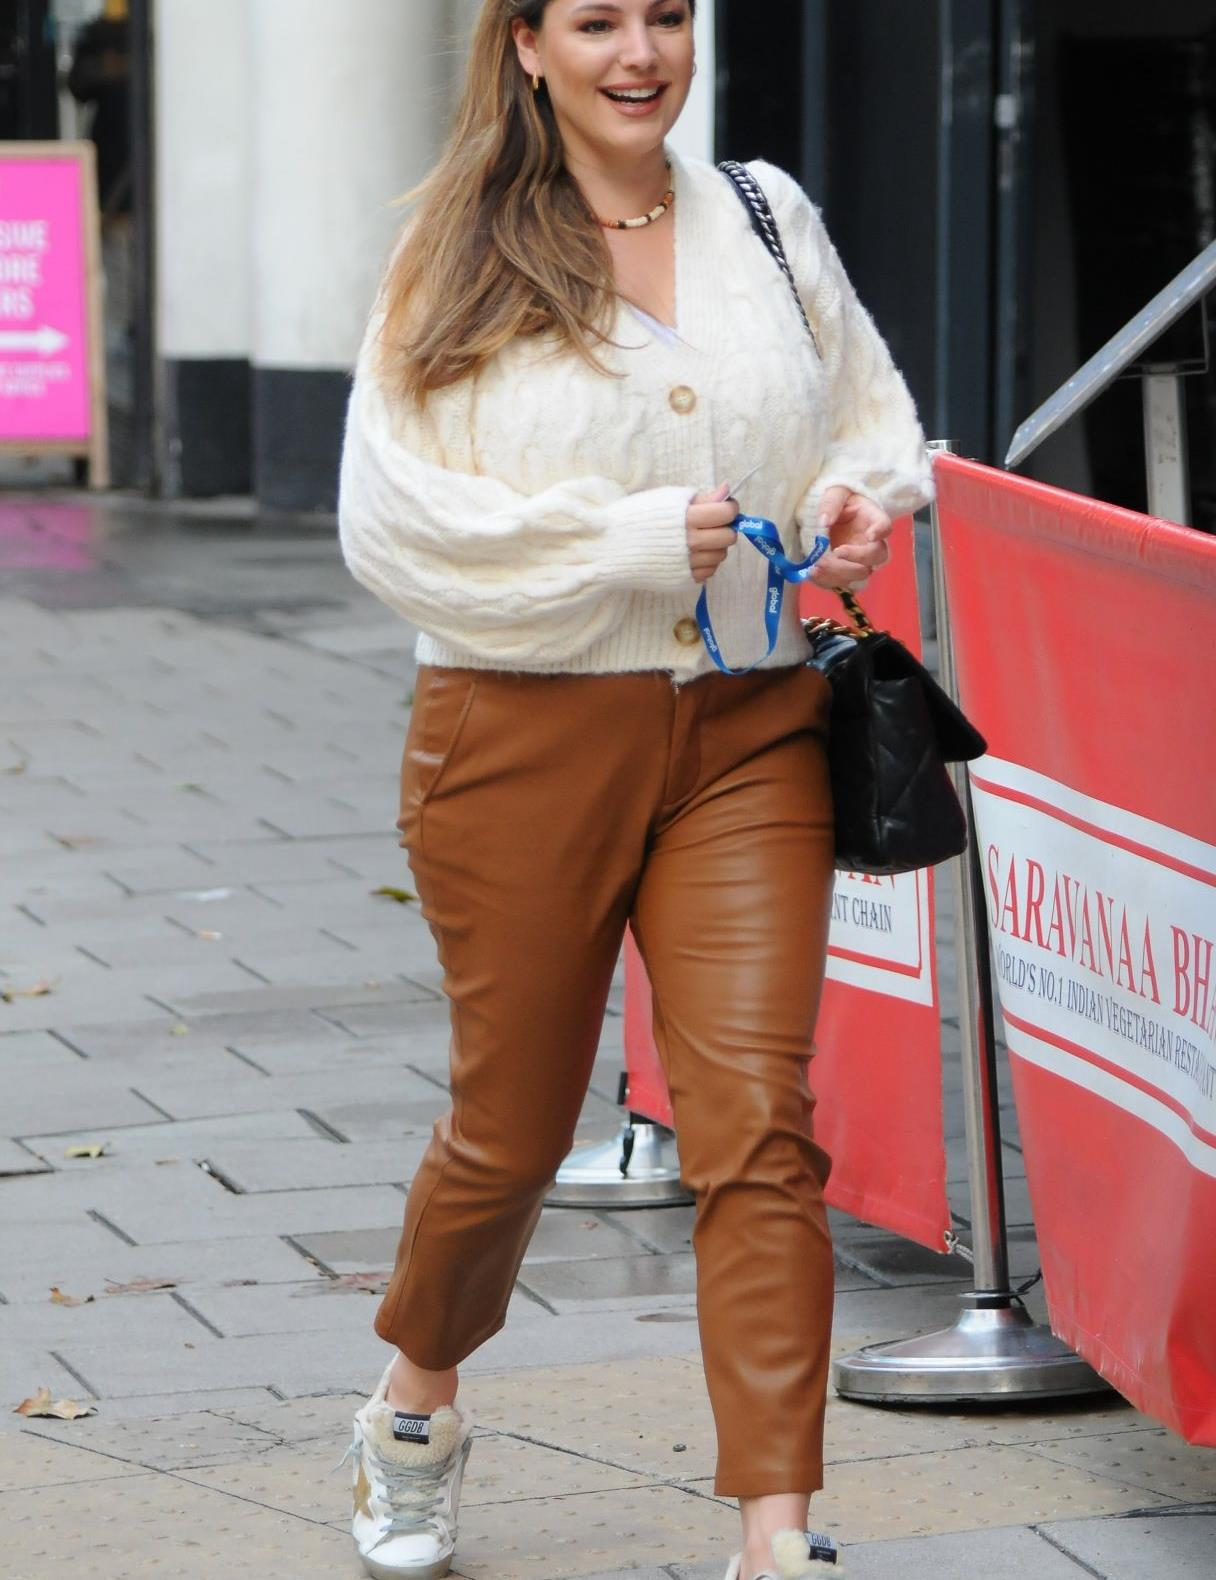 凯莉·布鲁克穿白色长袖上衣搭棕色长裤时髦靓丽,甜笑挥手气质佳